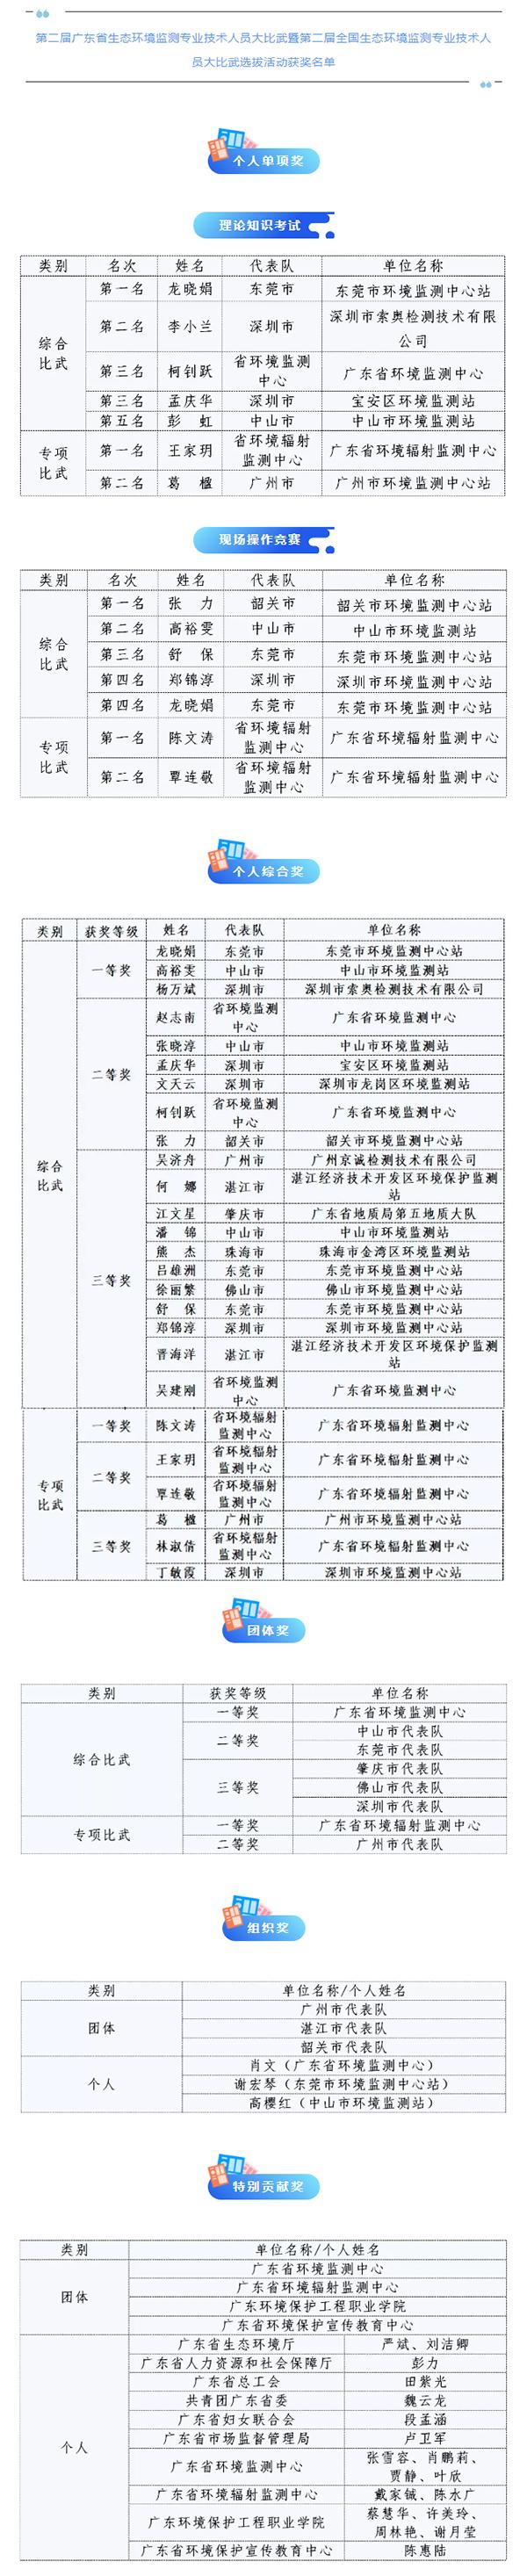 第二届广东省生态环境监测专业技术人员大比武获奖名单公示!.png